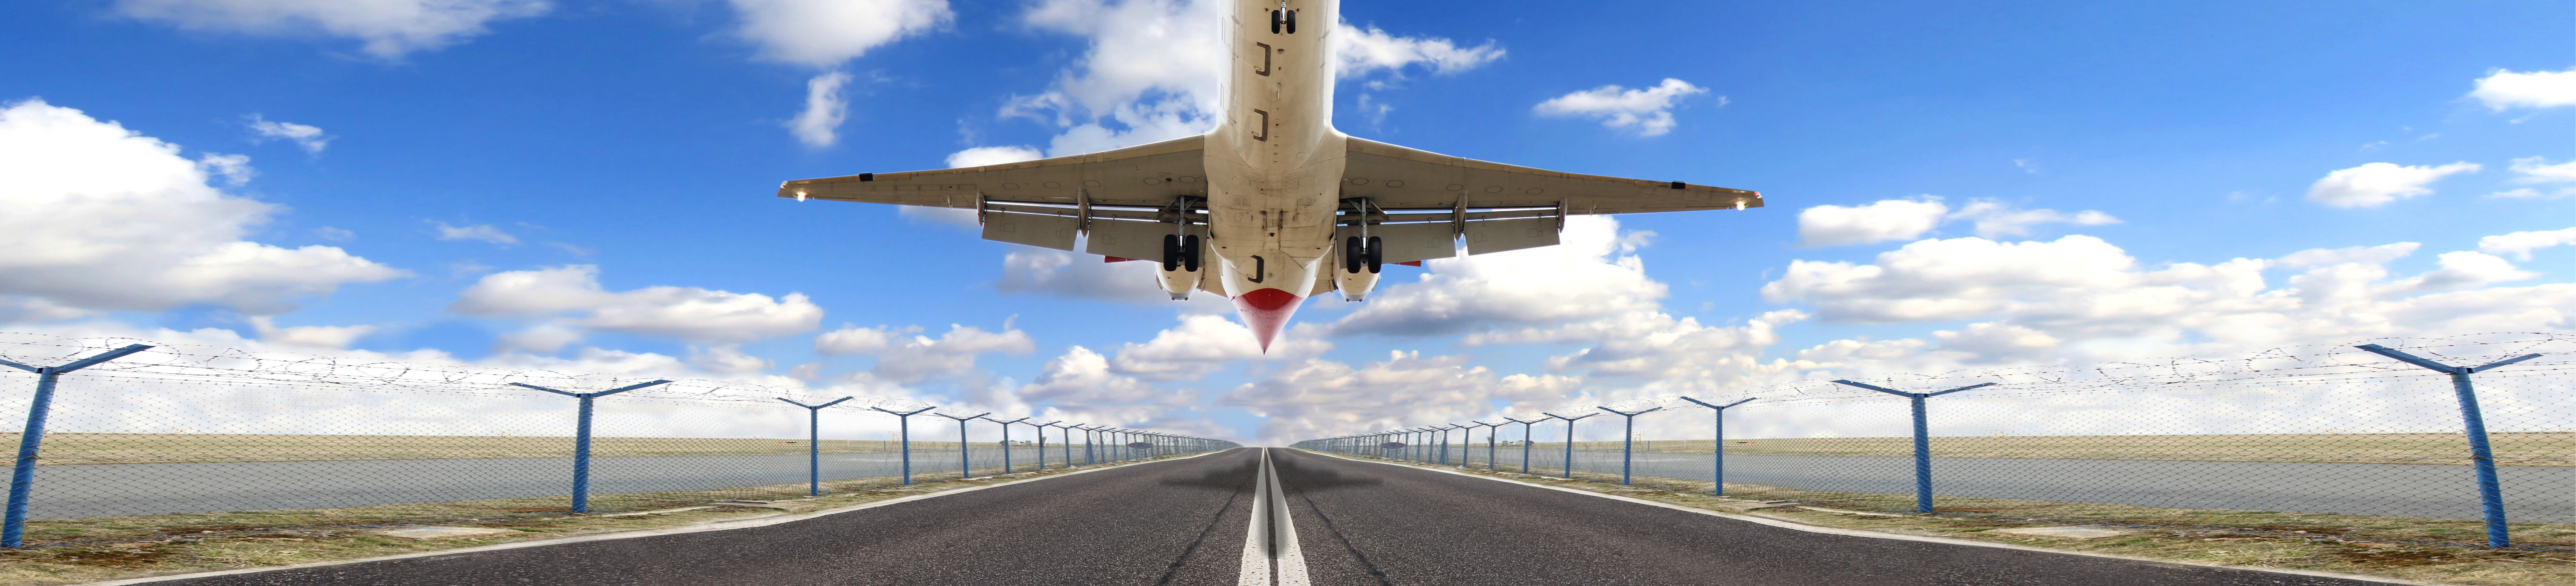 6bab5f6b-981b-4e18-91f6-0dcaacbf833b_plane_taking_off3.jpg